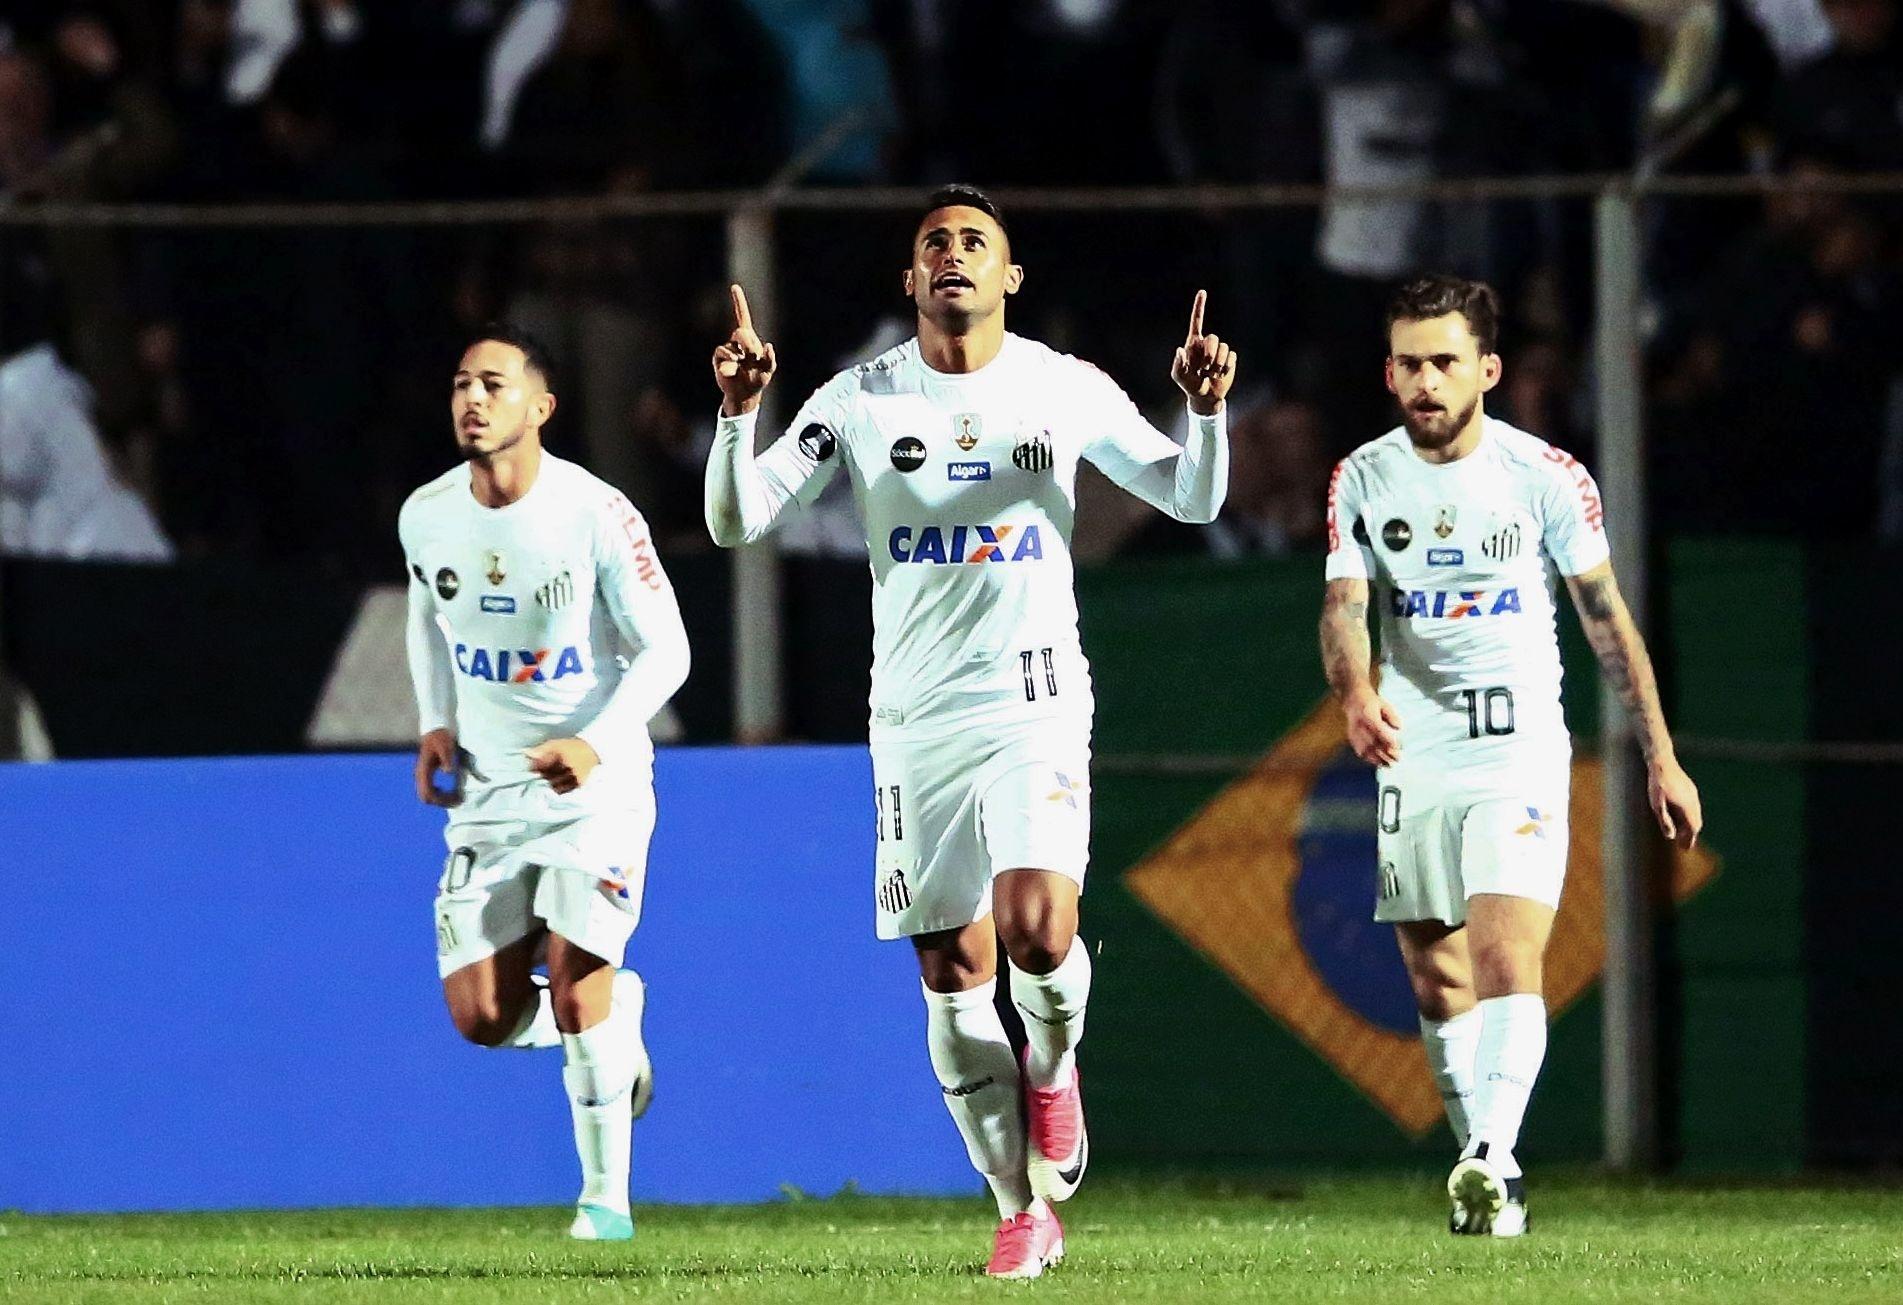 Kayke comemora gol do Santos diante do Atlético-PR na Vila Capanema pelas oitavas de final da Libertadores 2017